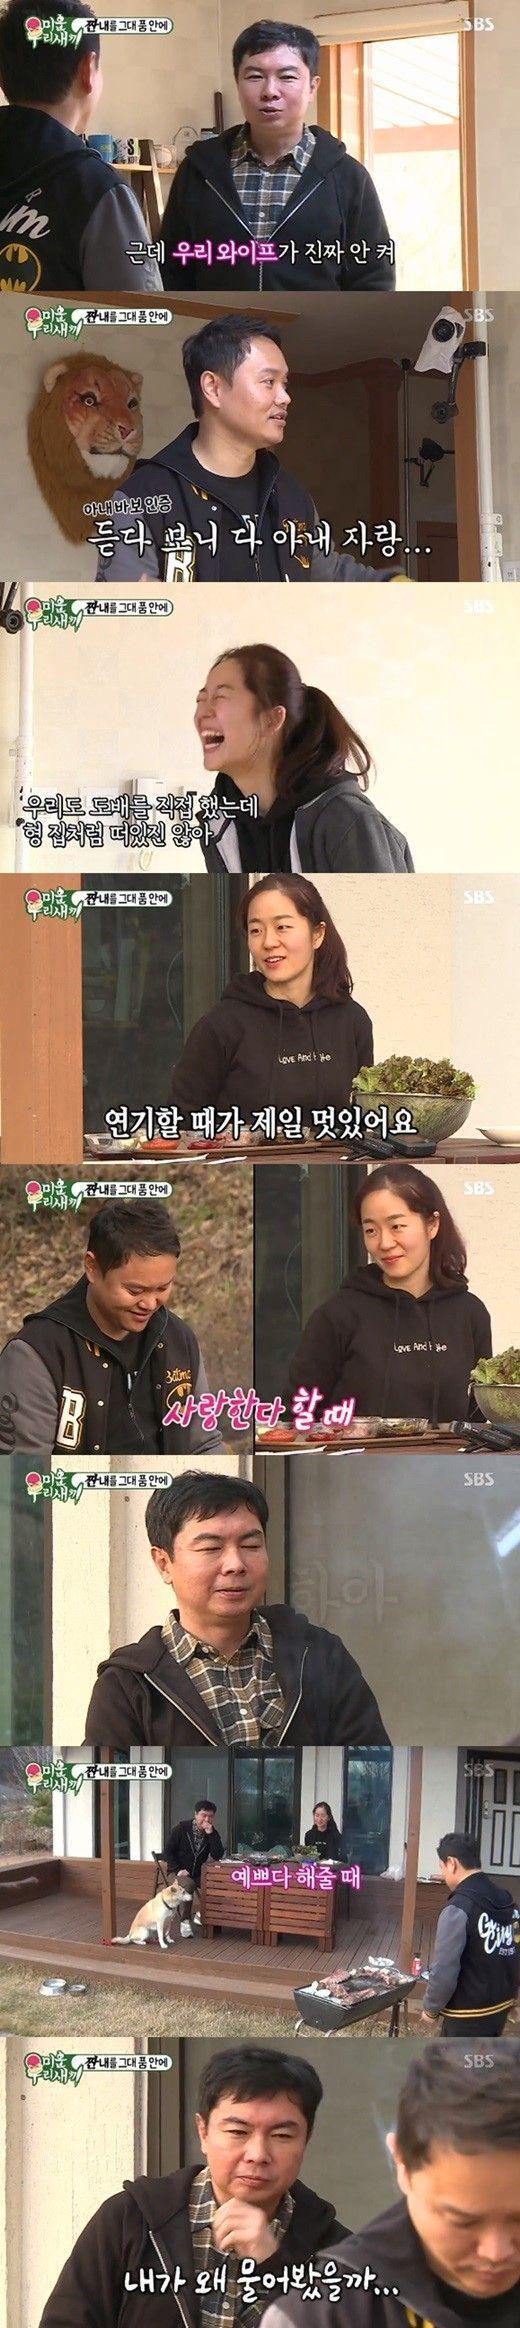 '미우새' 임원희, 김민교♥이소영 전원주택 방문…부러움에 한숨